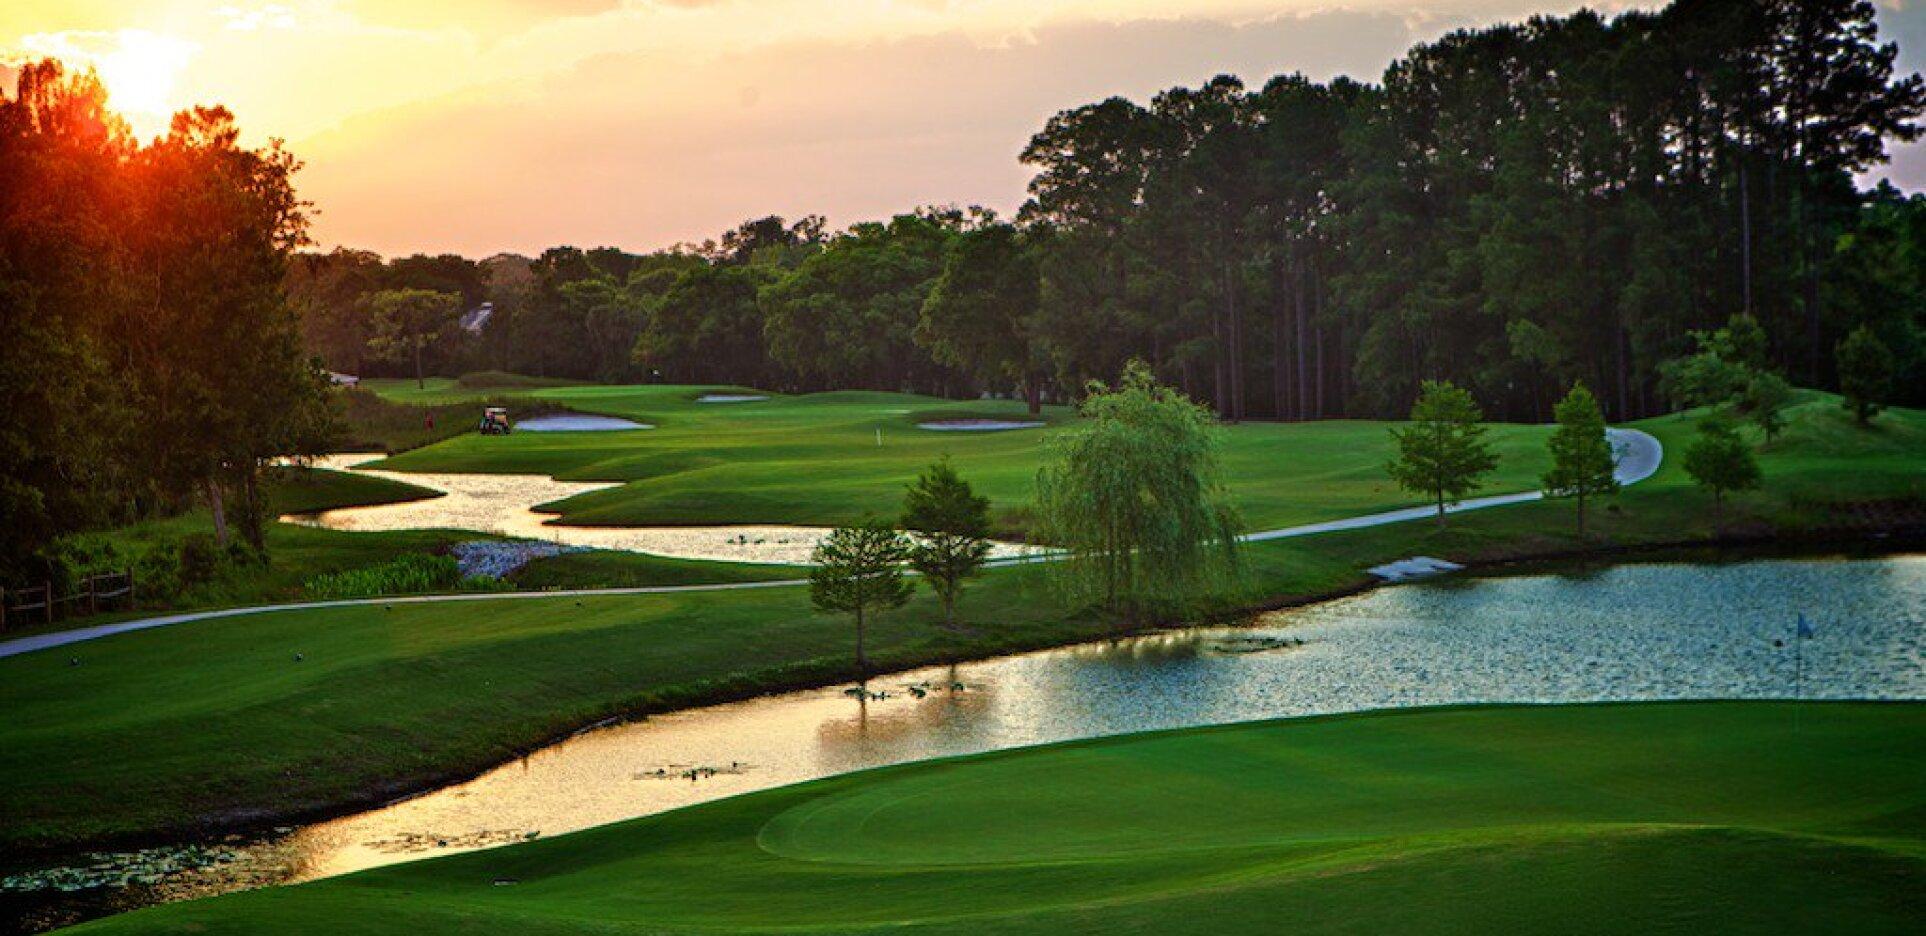 DubsDread Golf Course in Orlando Florida